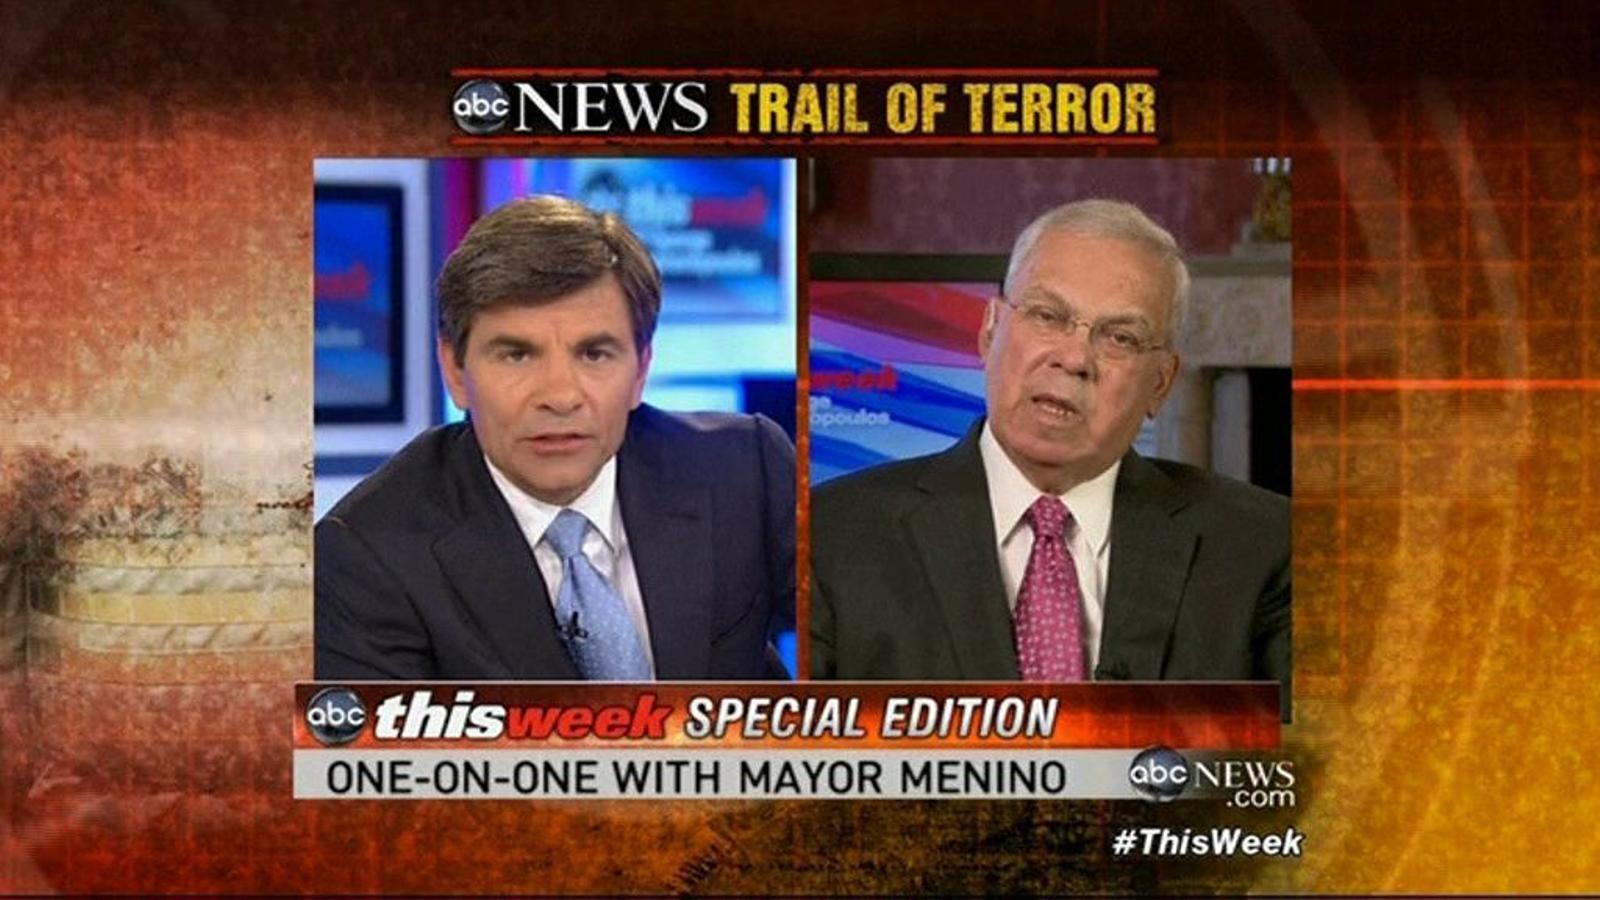 L'alcalde de Boston descarta noves amenaces